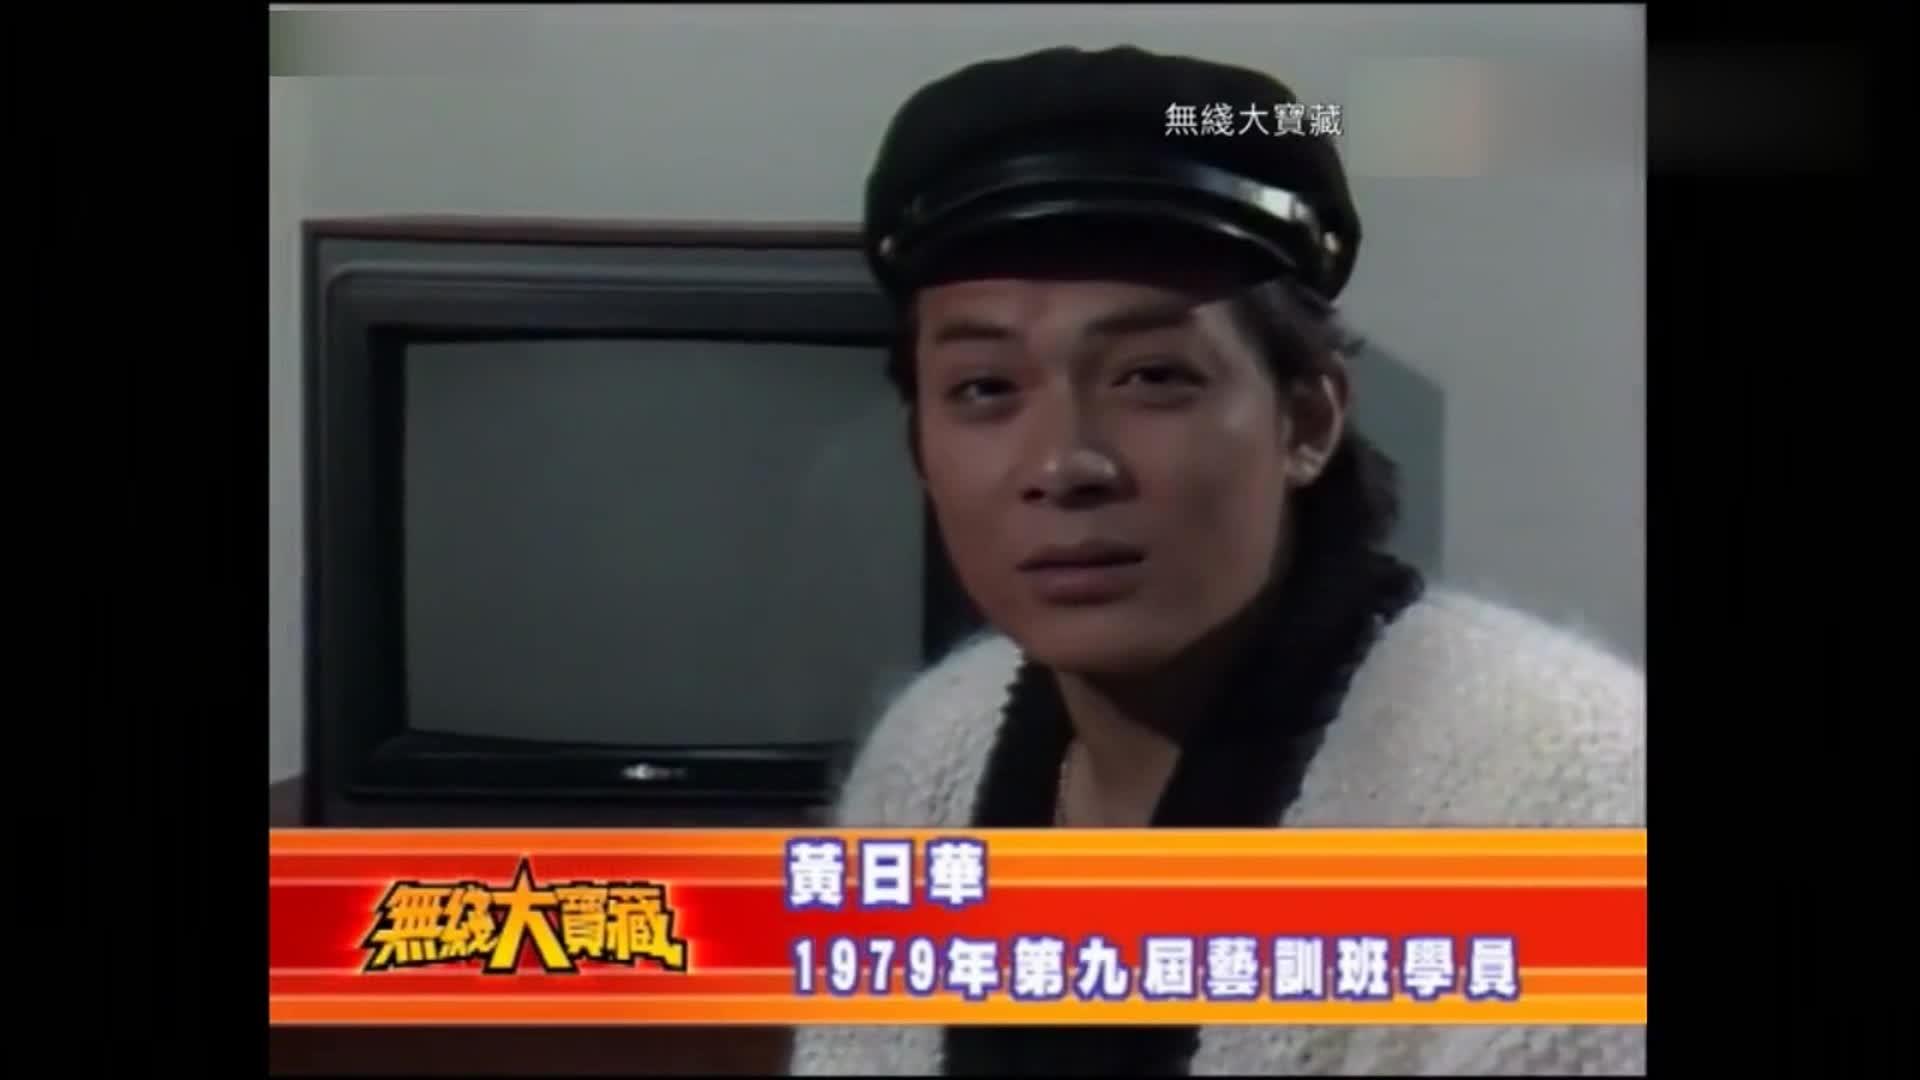 1979年黄日华报名无线艺员培训班面试视频!